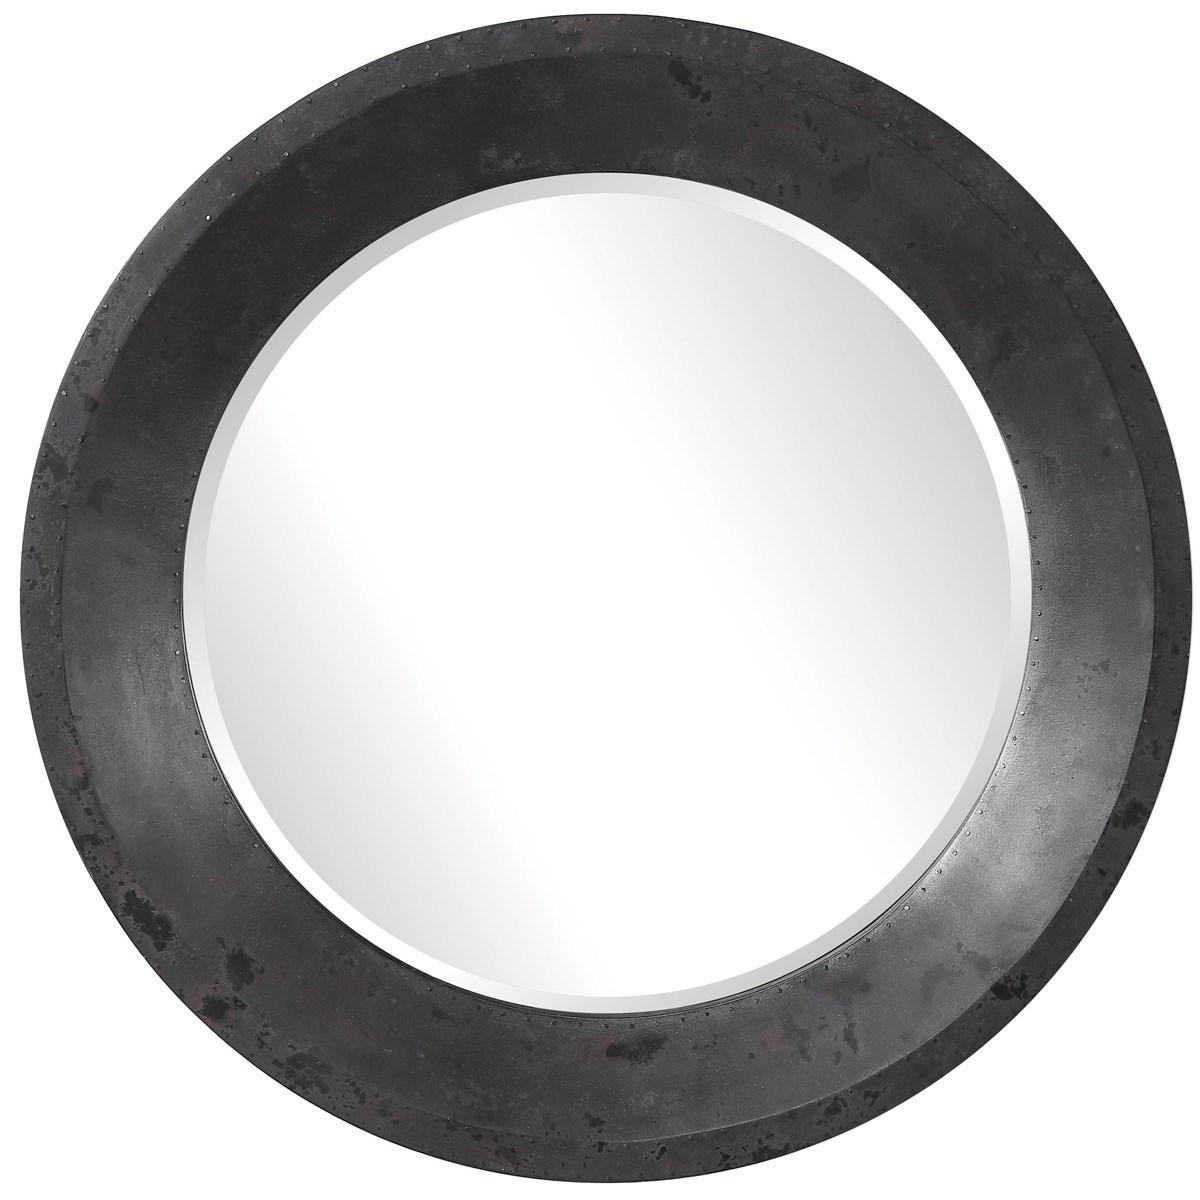 Mirrors - Round Frazier Round Industrial Mirror by Uttermost at Mueller Furniture